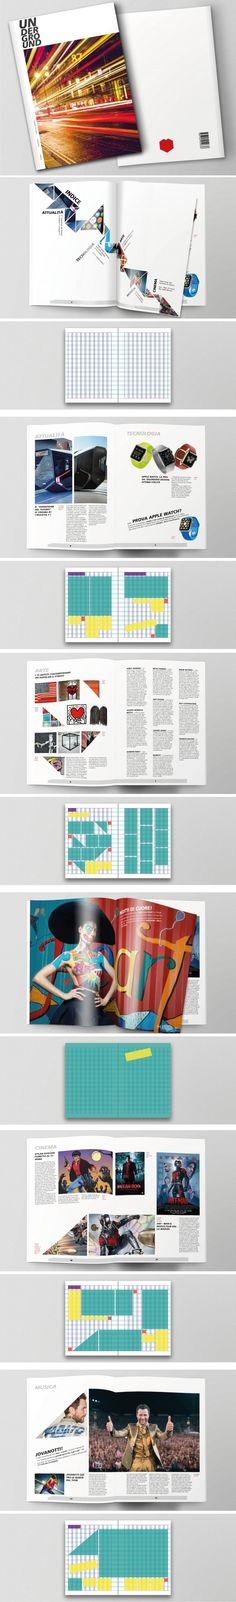 Portfolio Corsi Ilas - Myriam Galise, Docente progettazione: Alessandro Cocchia, Docente software: Alessandro Cocchia, Categoria: Graphic Design - © ilas 2015